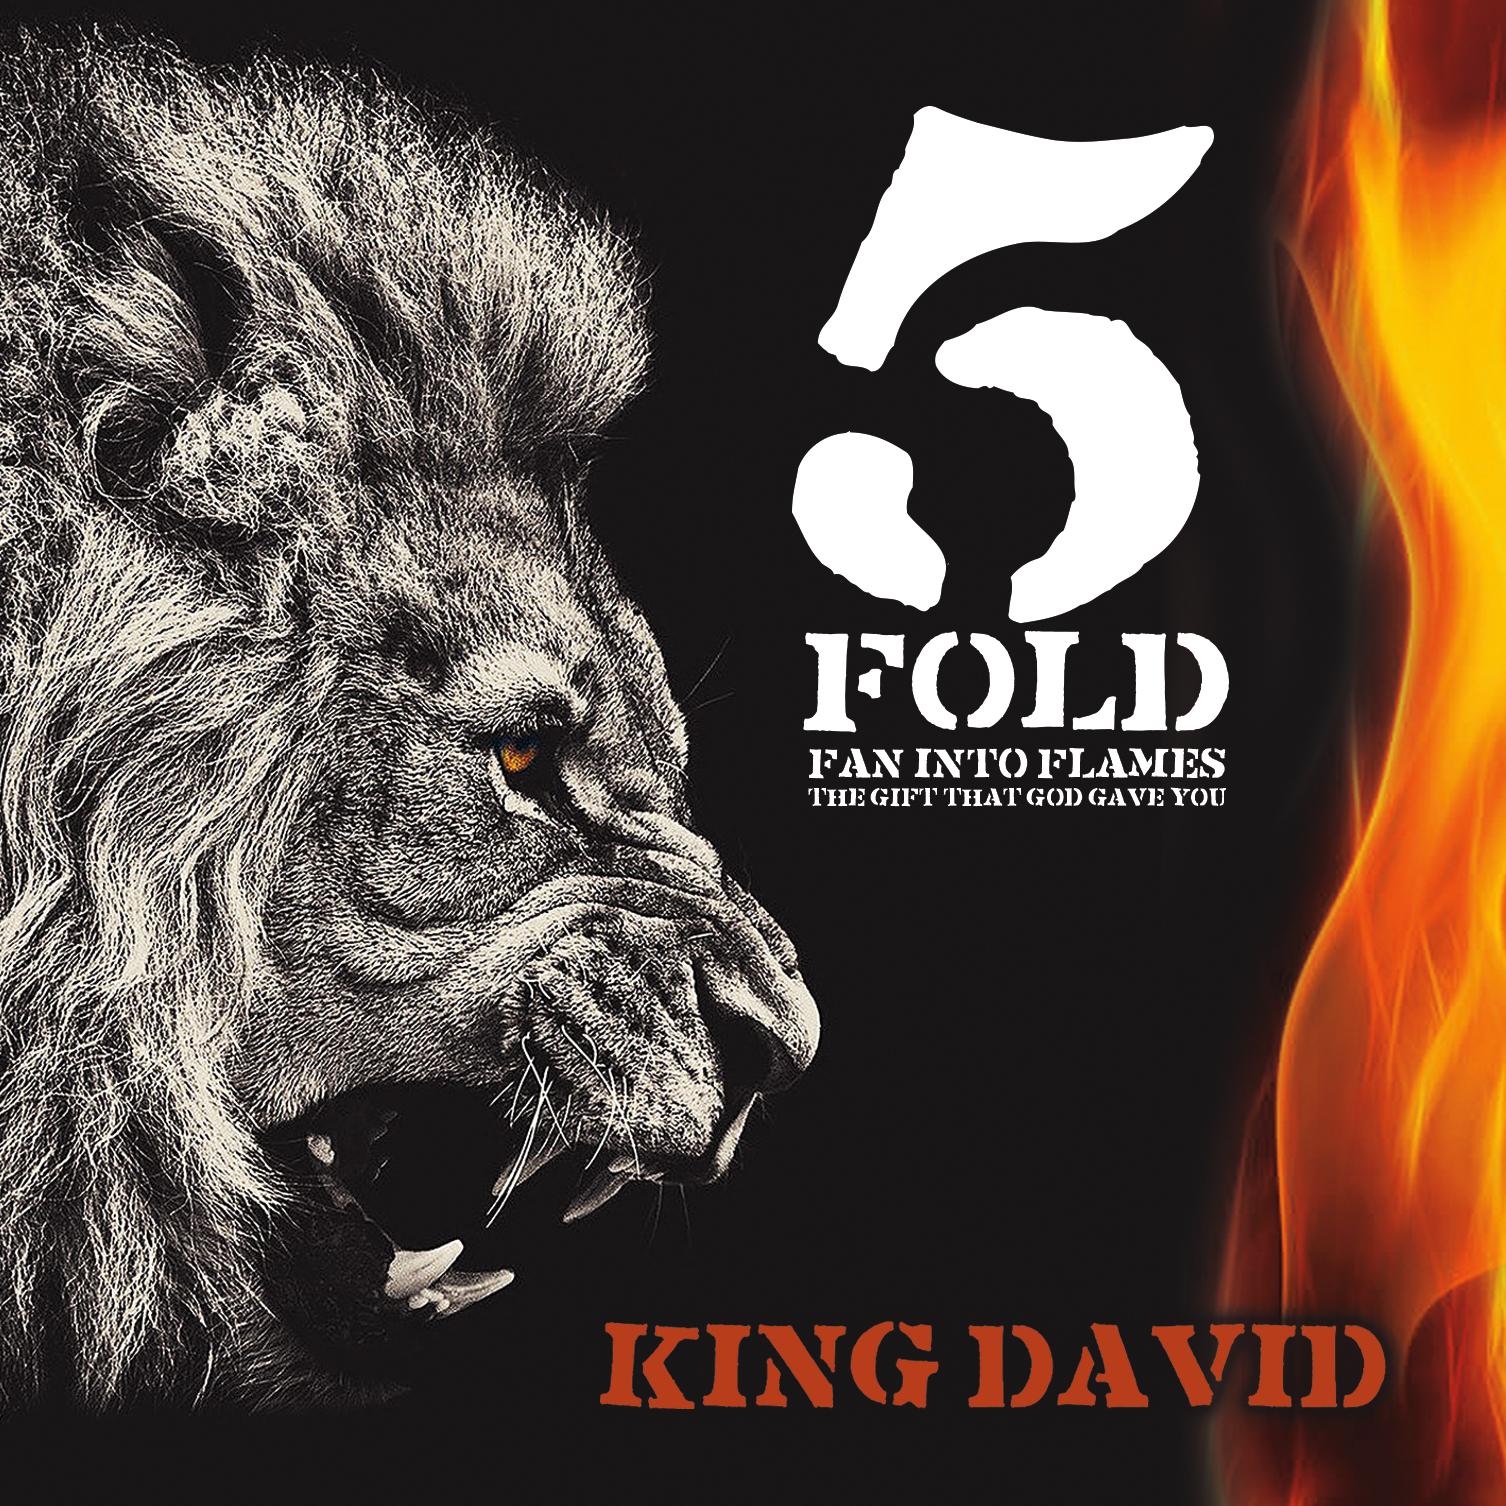 Spiritual Awakening through Soul and Hip-Hop Fusions: King David Unveils New Album